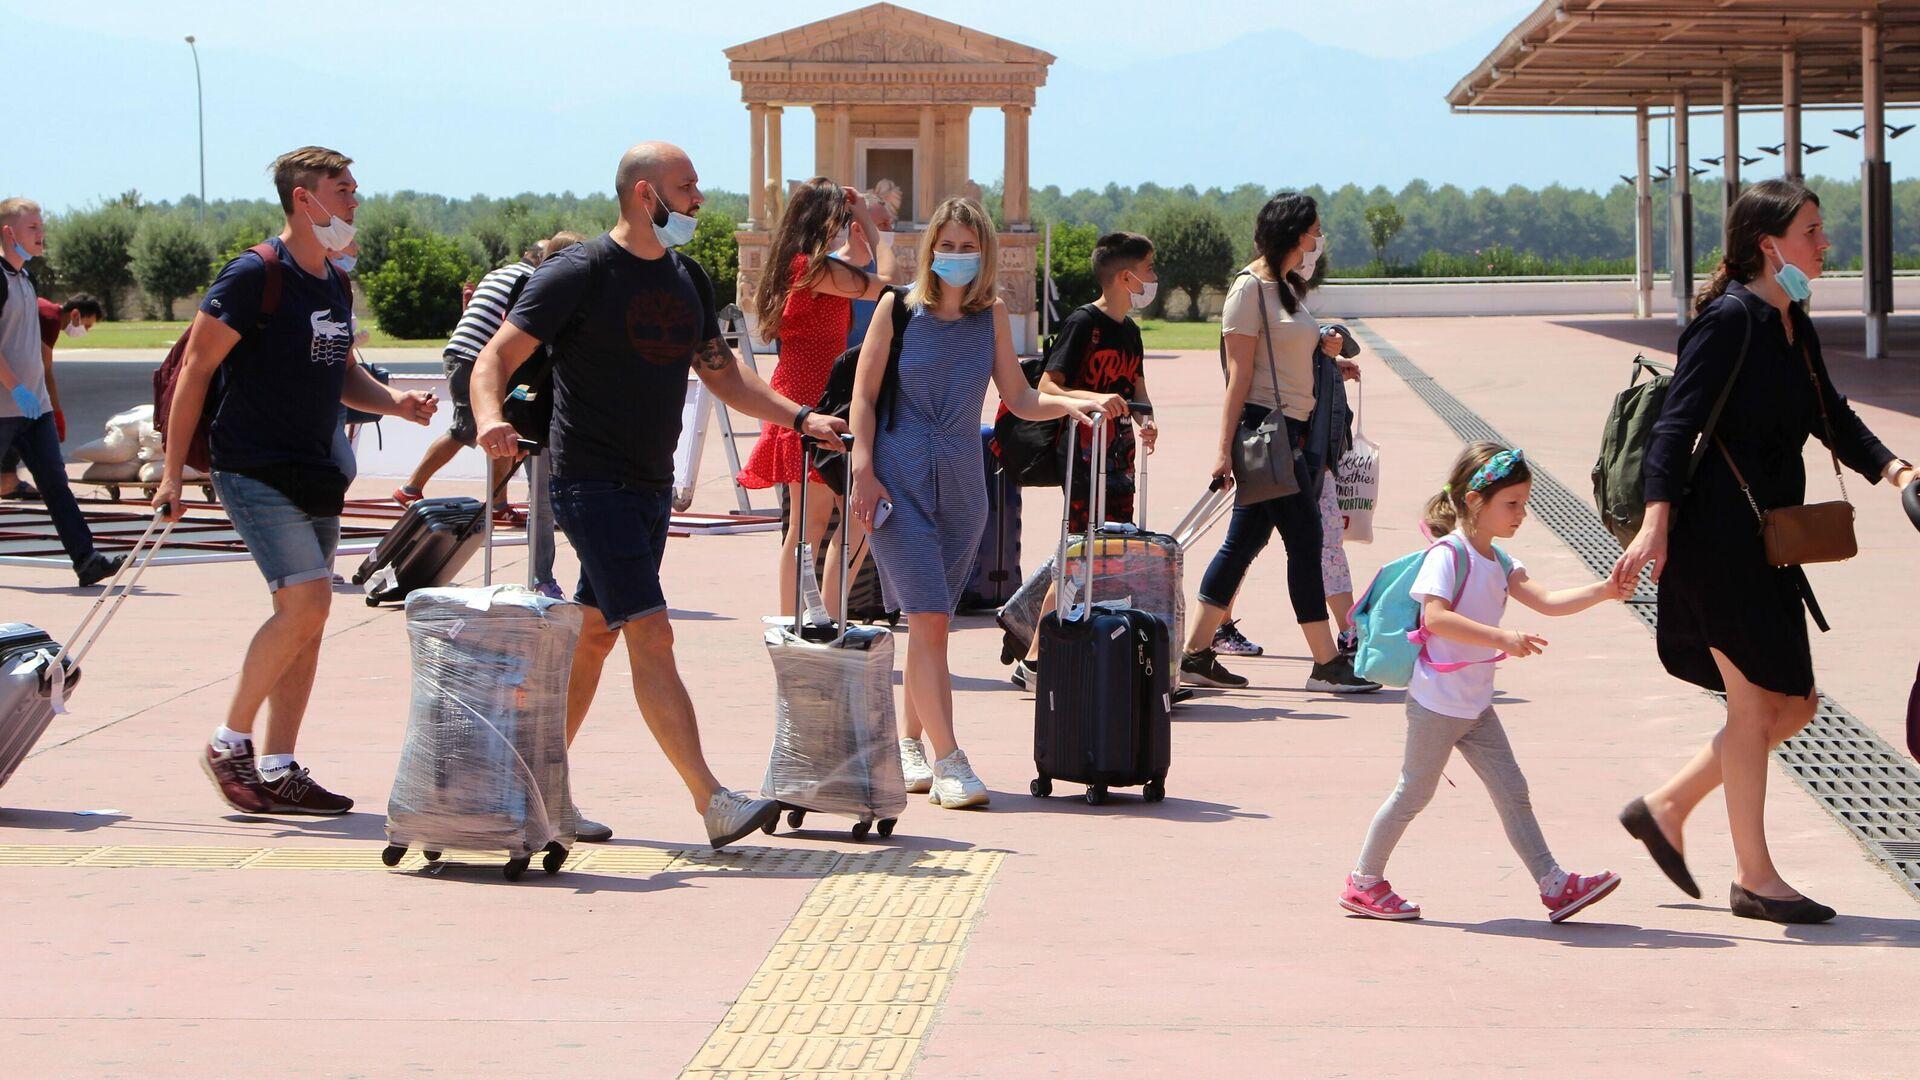 Первые туристы из РФ прибыли на курорты Турции - РИА Новости, 1920, 08.09.2020